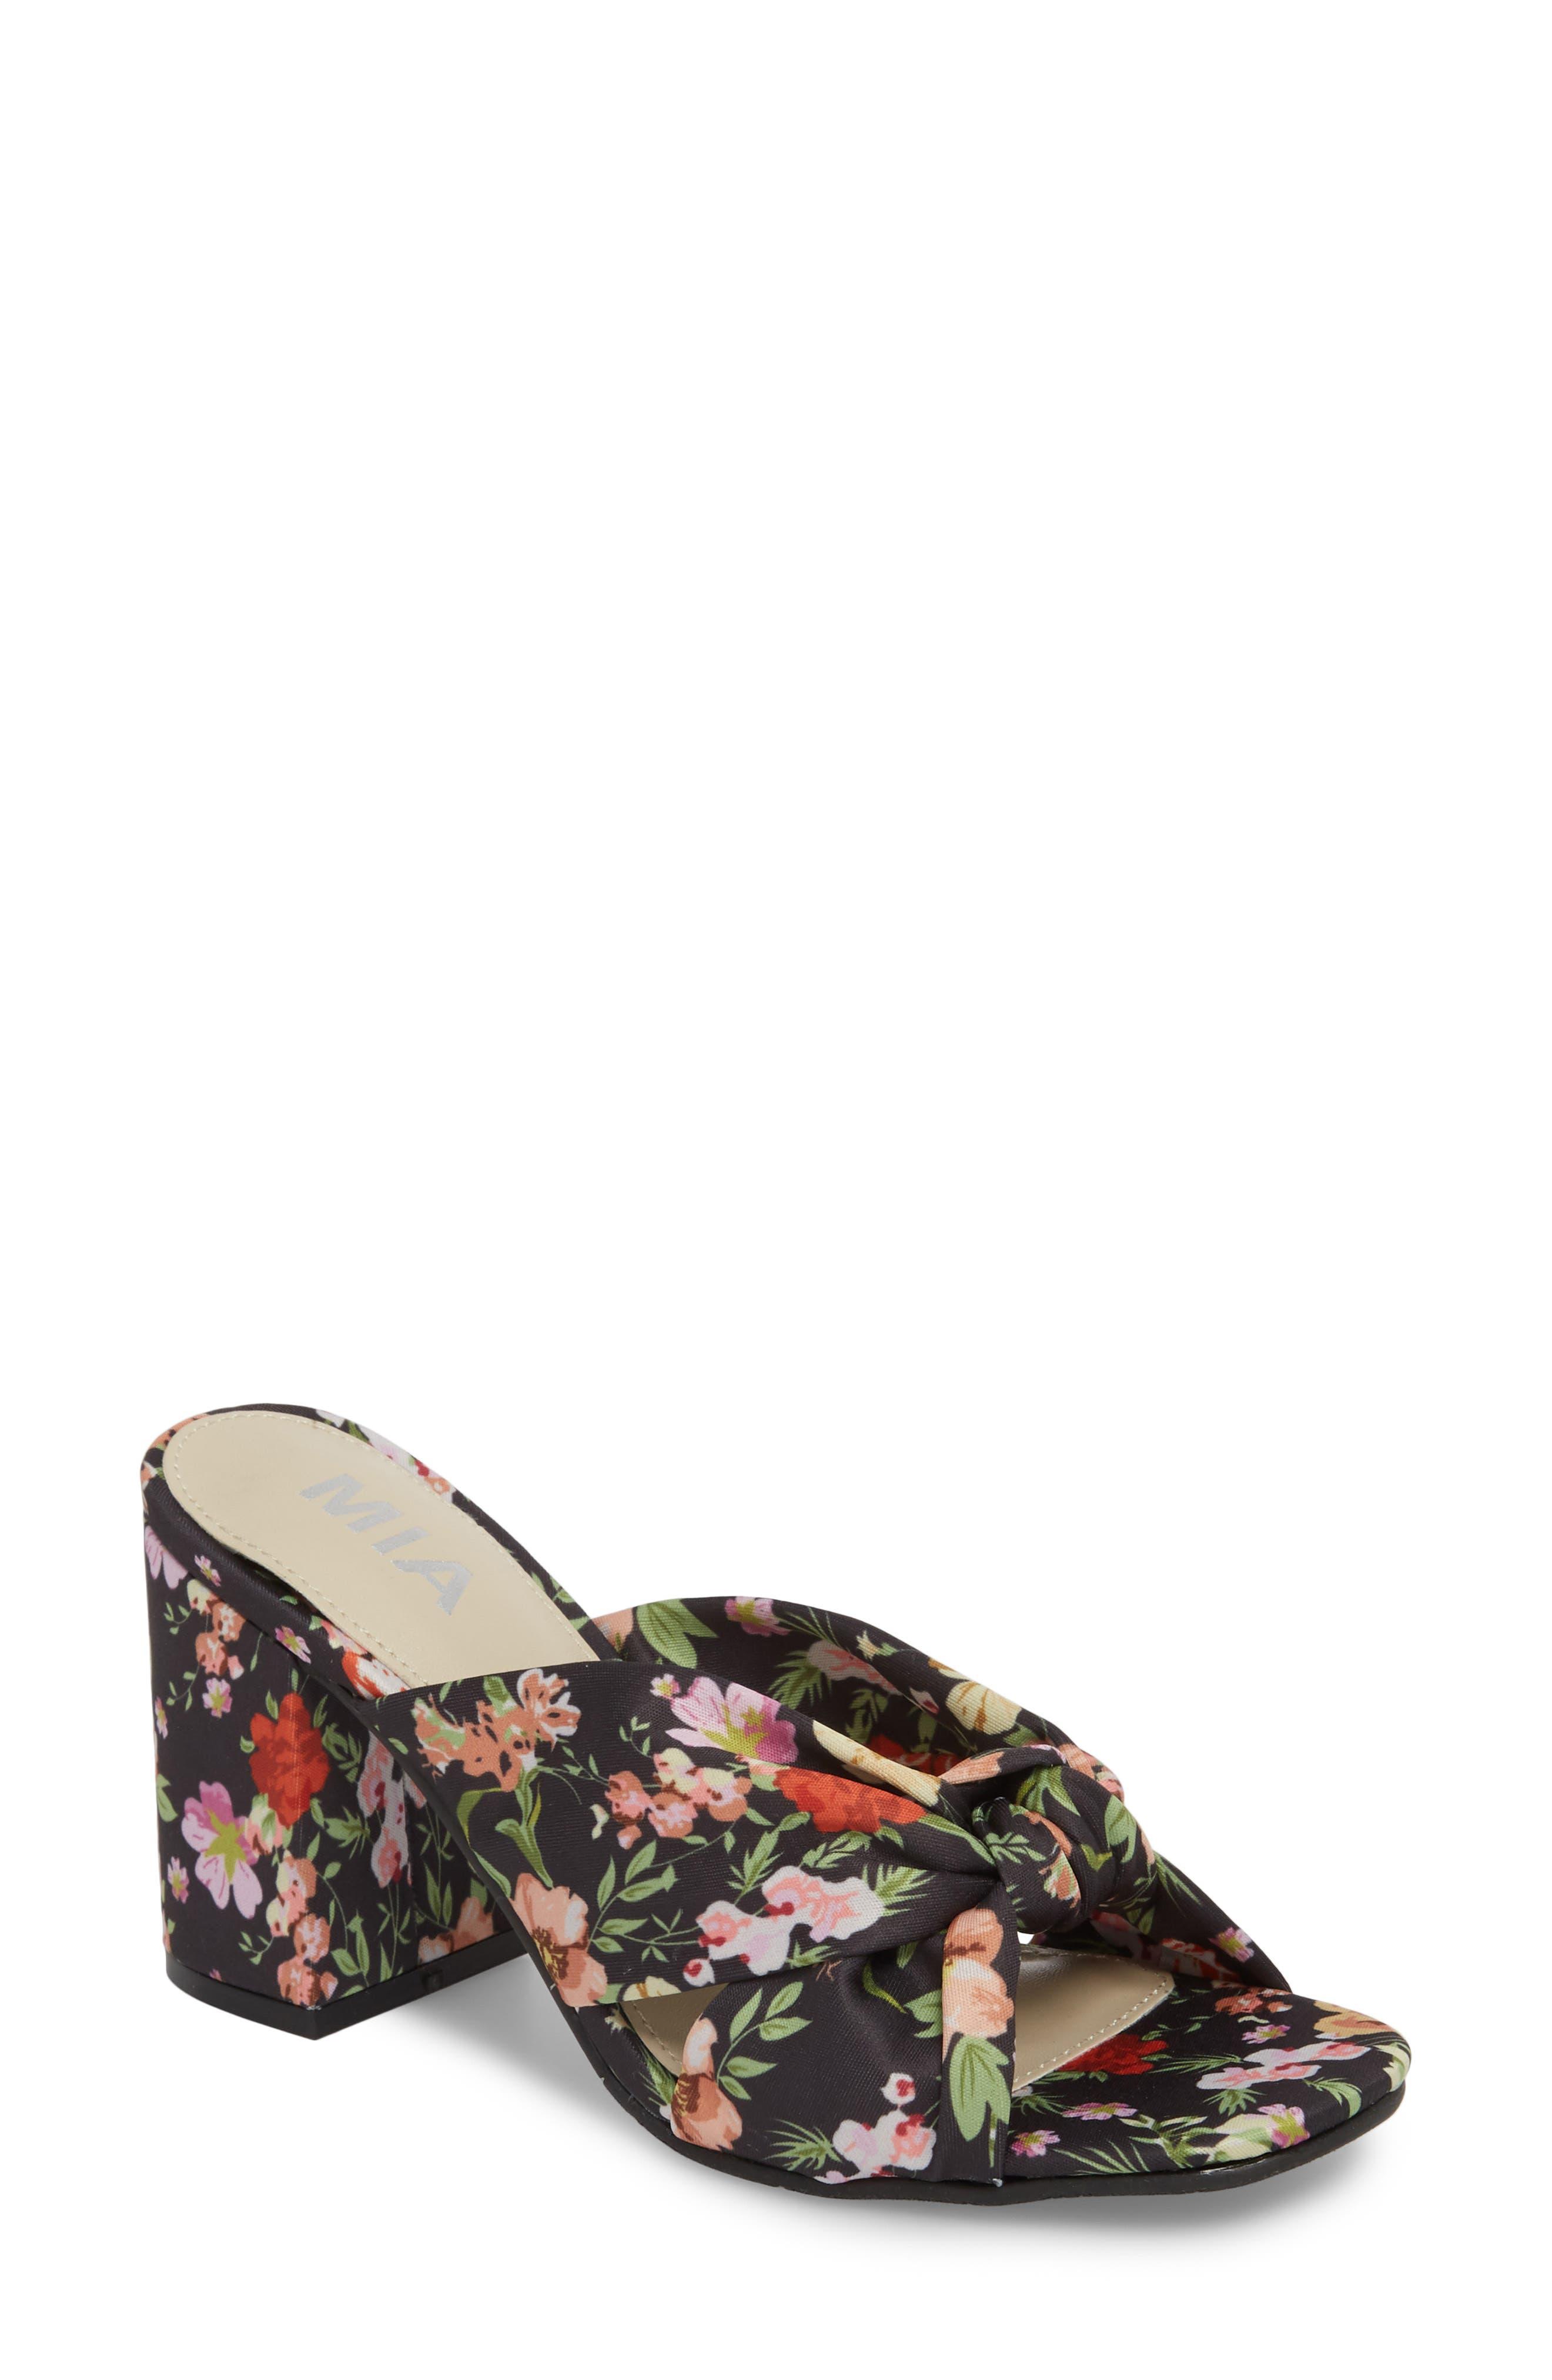 Collette Floral Sandal,                         Main,                         color, Floral Matte